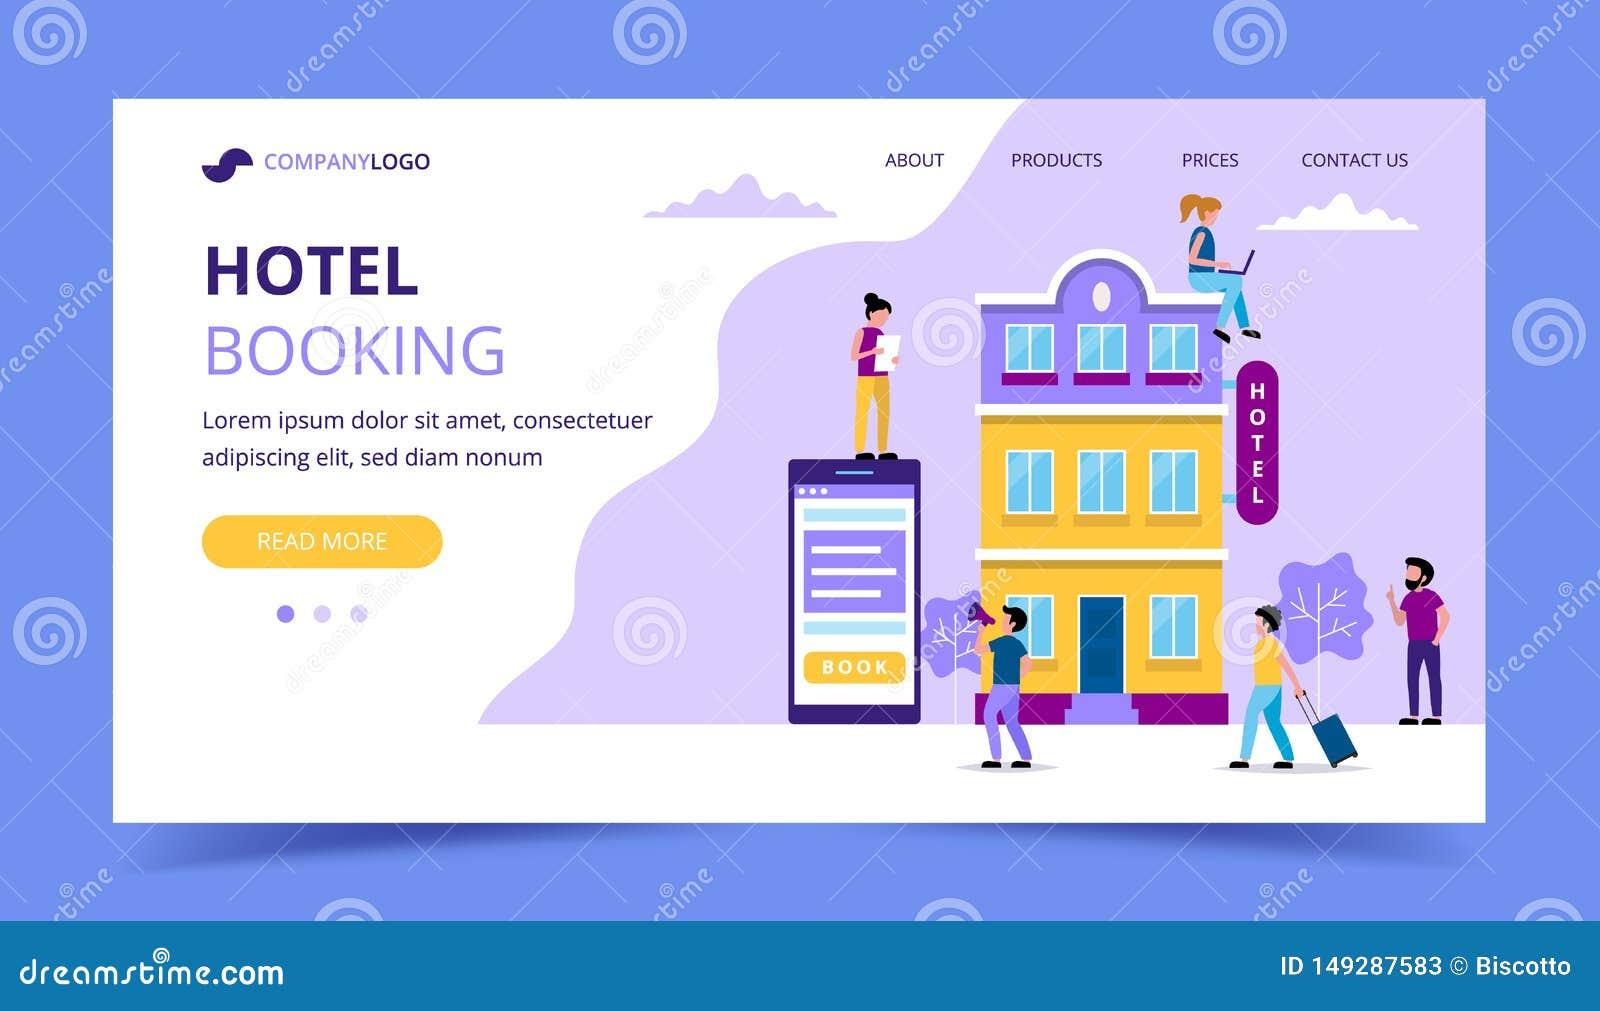 Шаблон страницы бронирования гостиниц приземляясь - иллюстрация с небольшими людьми делая различные задачи резервирование, онлайн